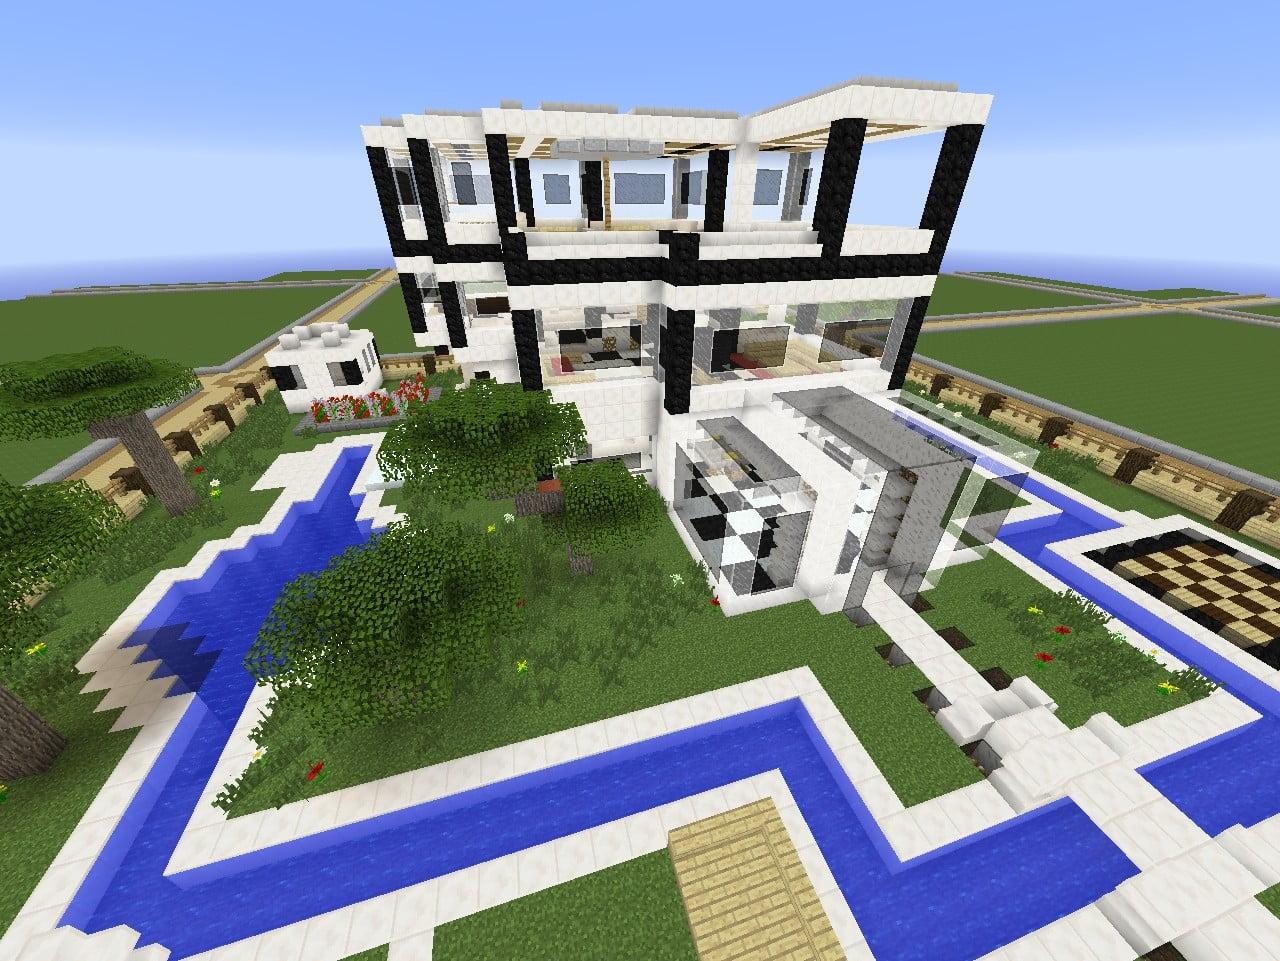 Modernes haus mit viel glas in minecraft bauen for Modernes haus viel glas